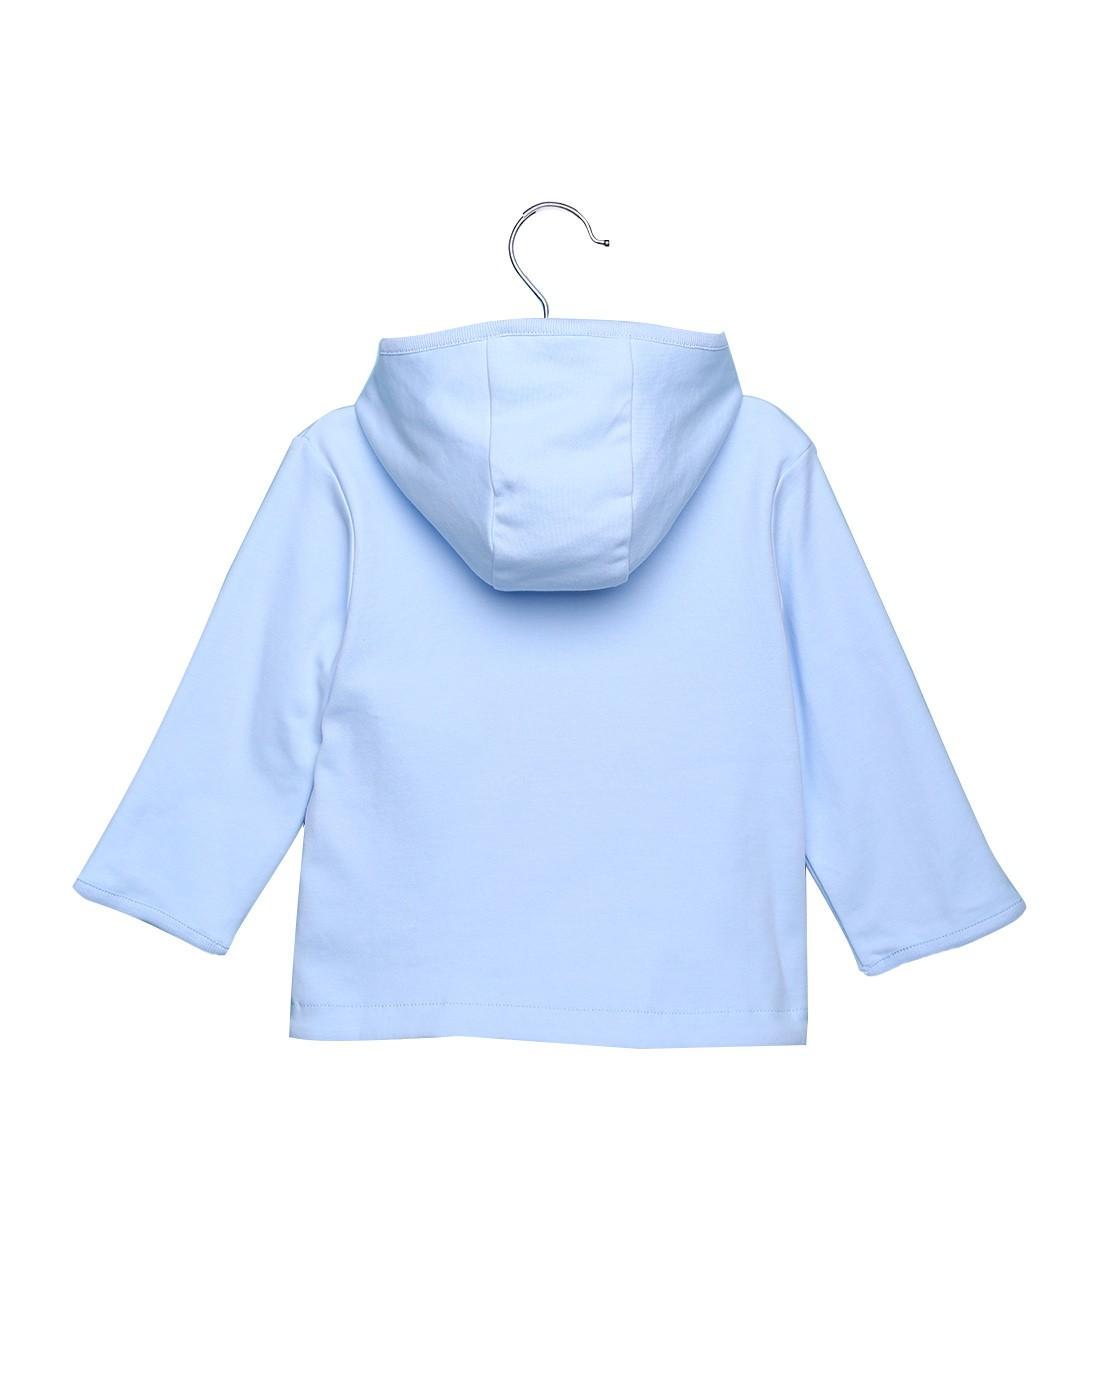 中性浅蓝色可爱外套